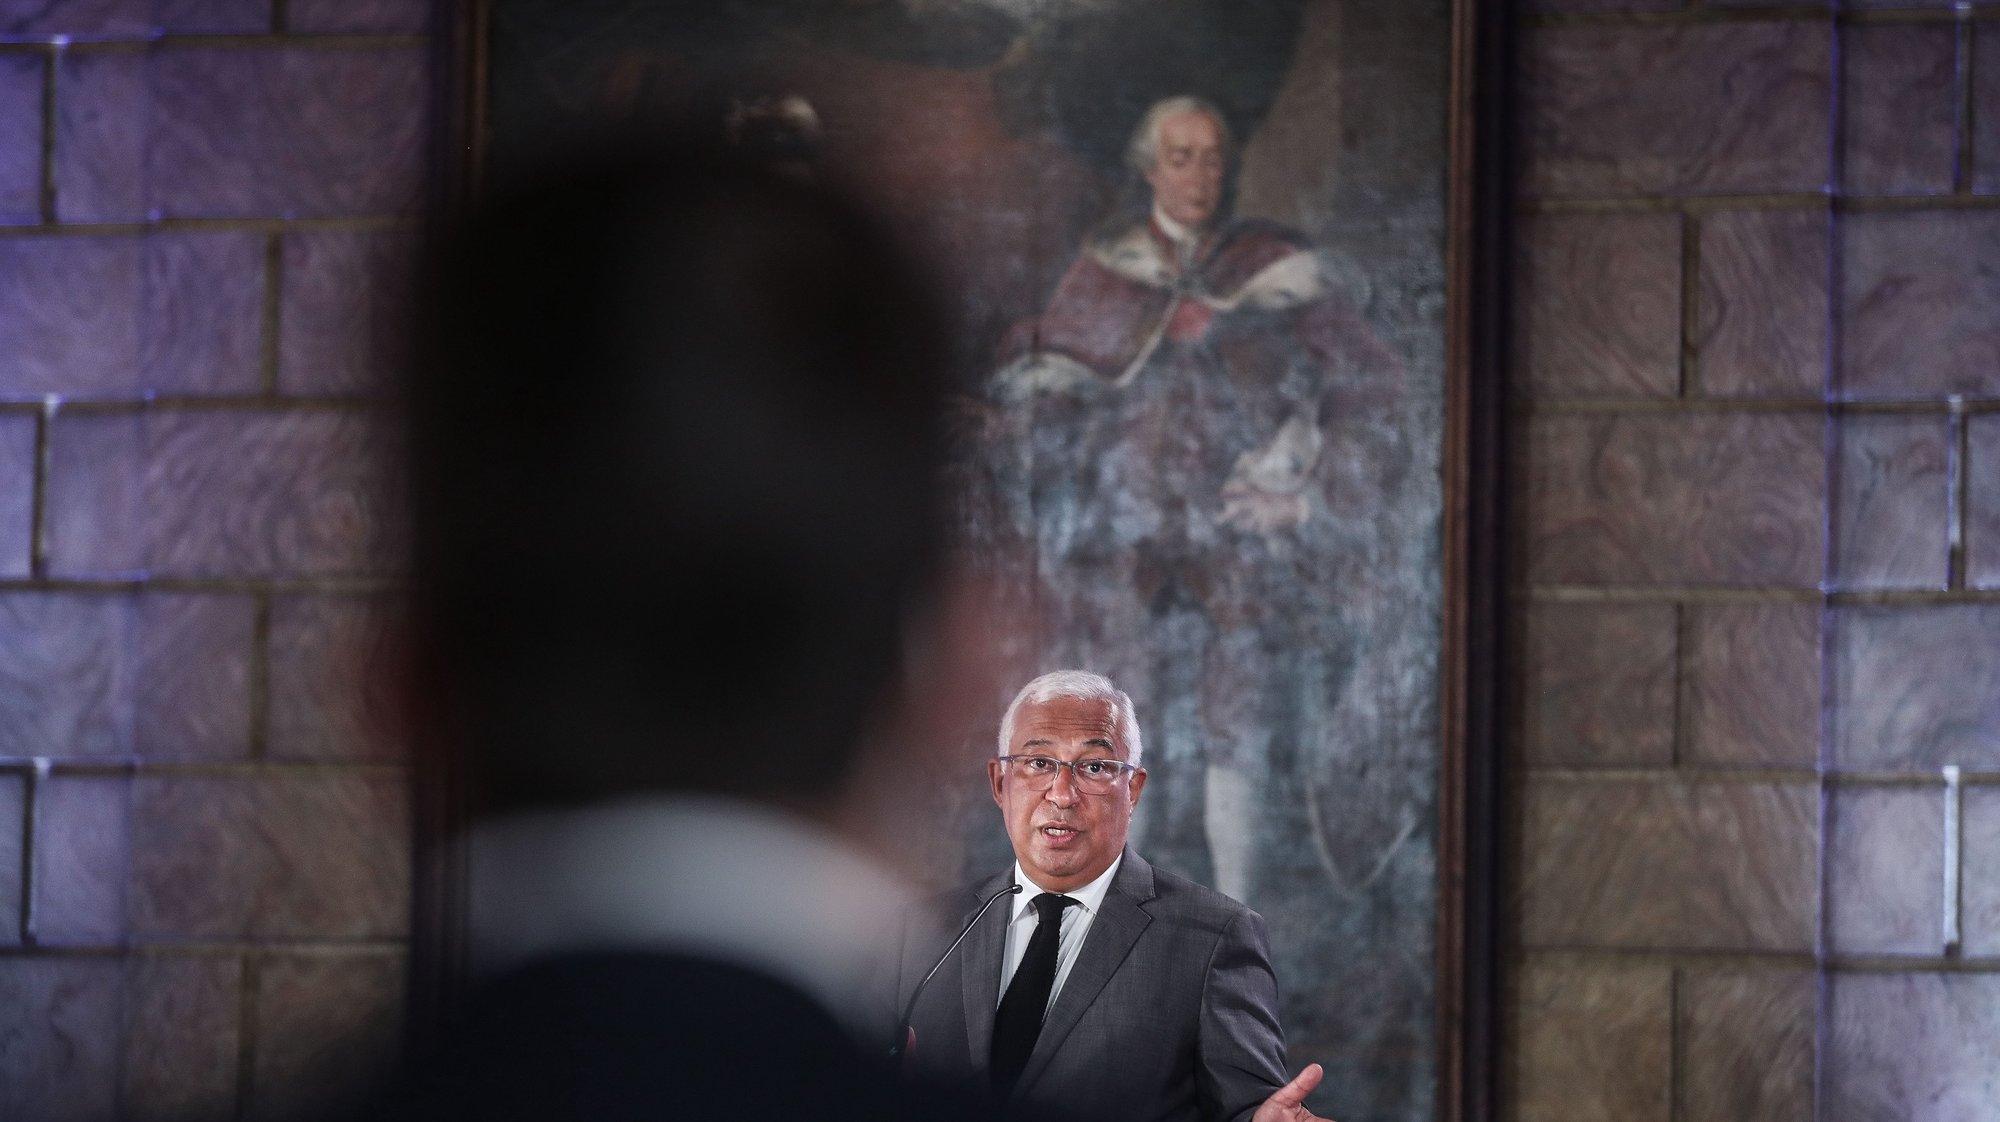 """O primeiro-ministro, António Costa, participa na cerimónia de assinatura do acordo sobre """"Formação Profissional e Qualificação: um desígnio estratégico para as Pessoas, para as Empresas e para o País"""", no Museu Nacional dos Coches, em Lisboa, 28 de julho de 2021. MÁRIO CRUZ/LUSA"""